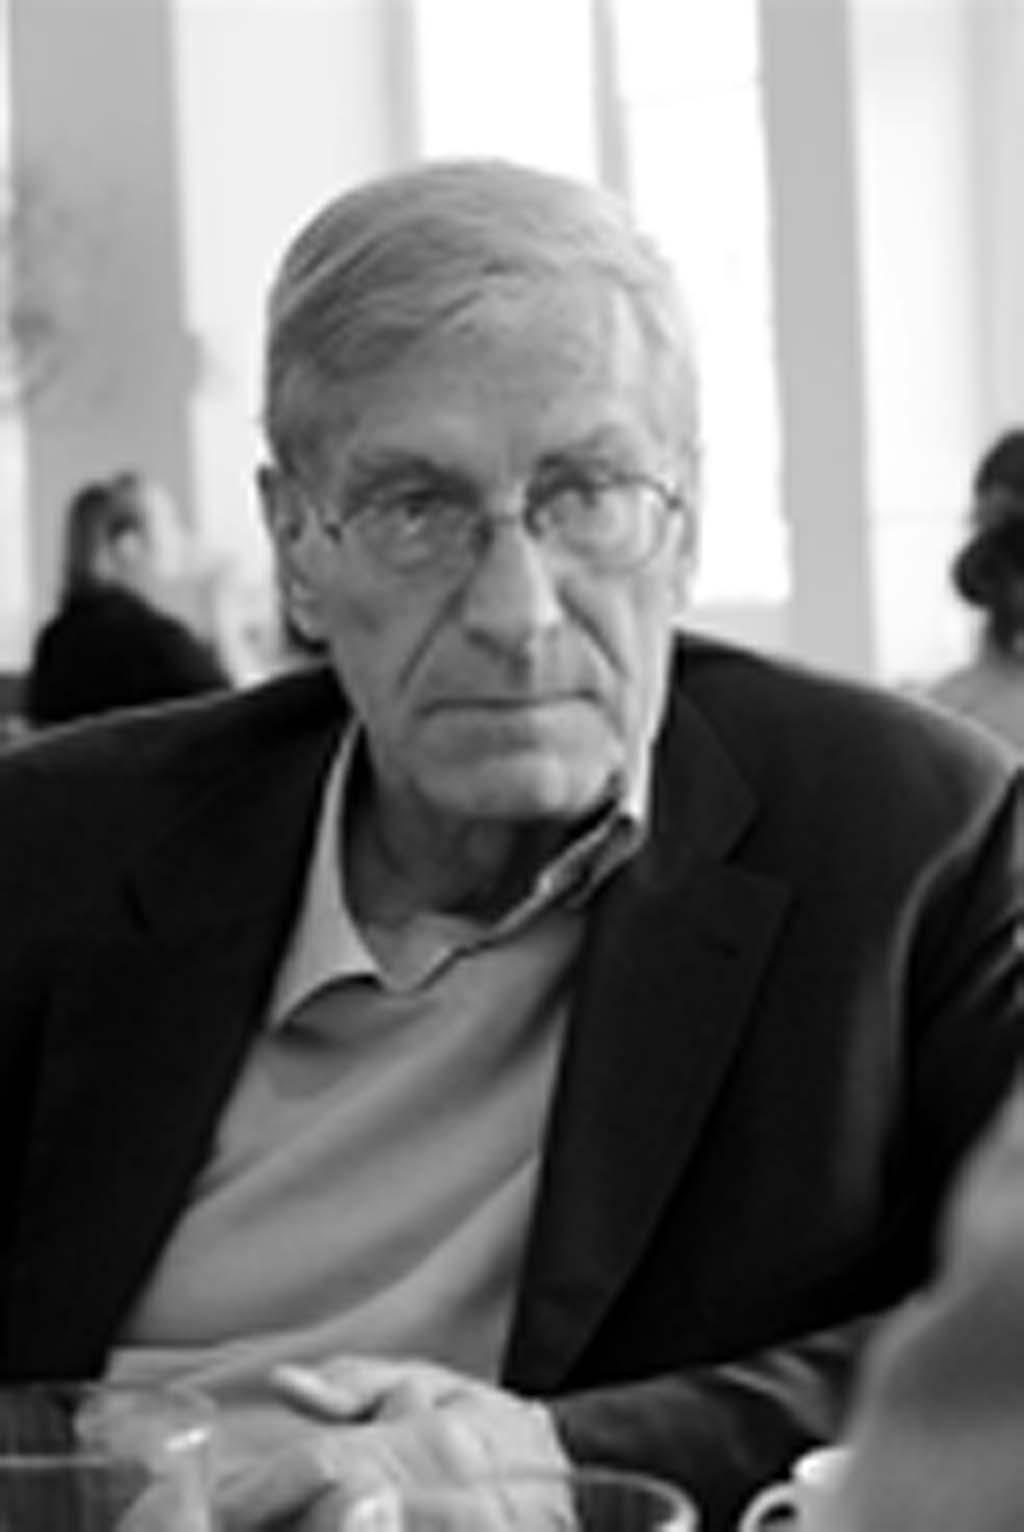 Hubert Henrotte © 2010 Michel Baret / Rapho